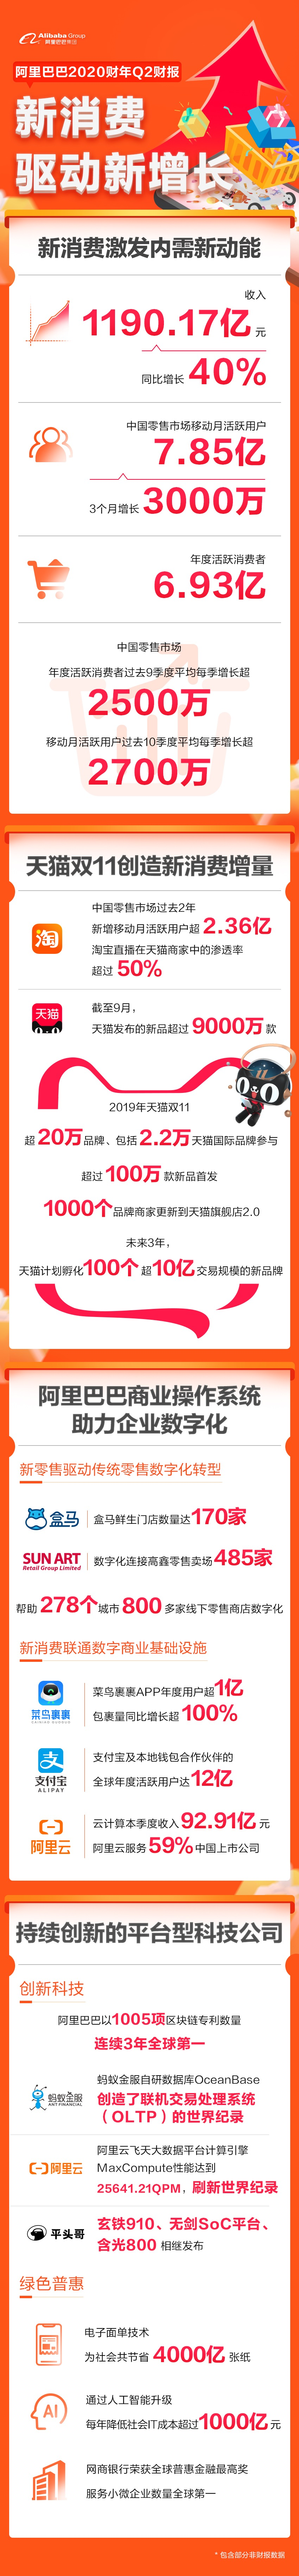 http://www.xqweigou.com/dianshangO2O/72377.html